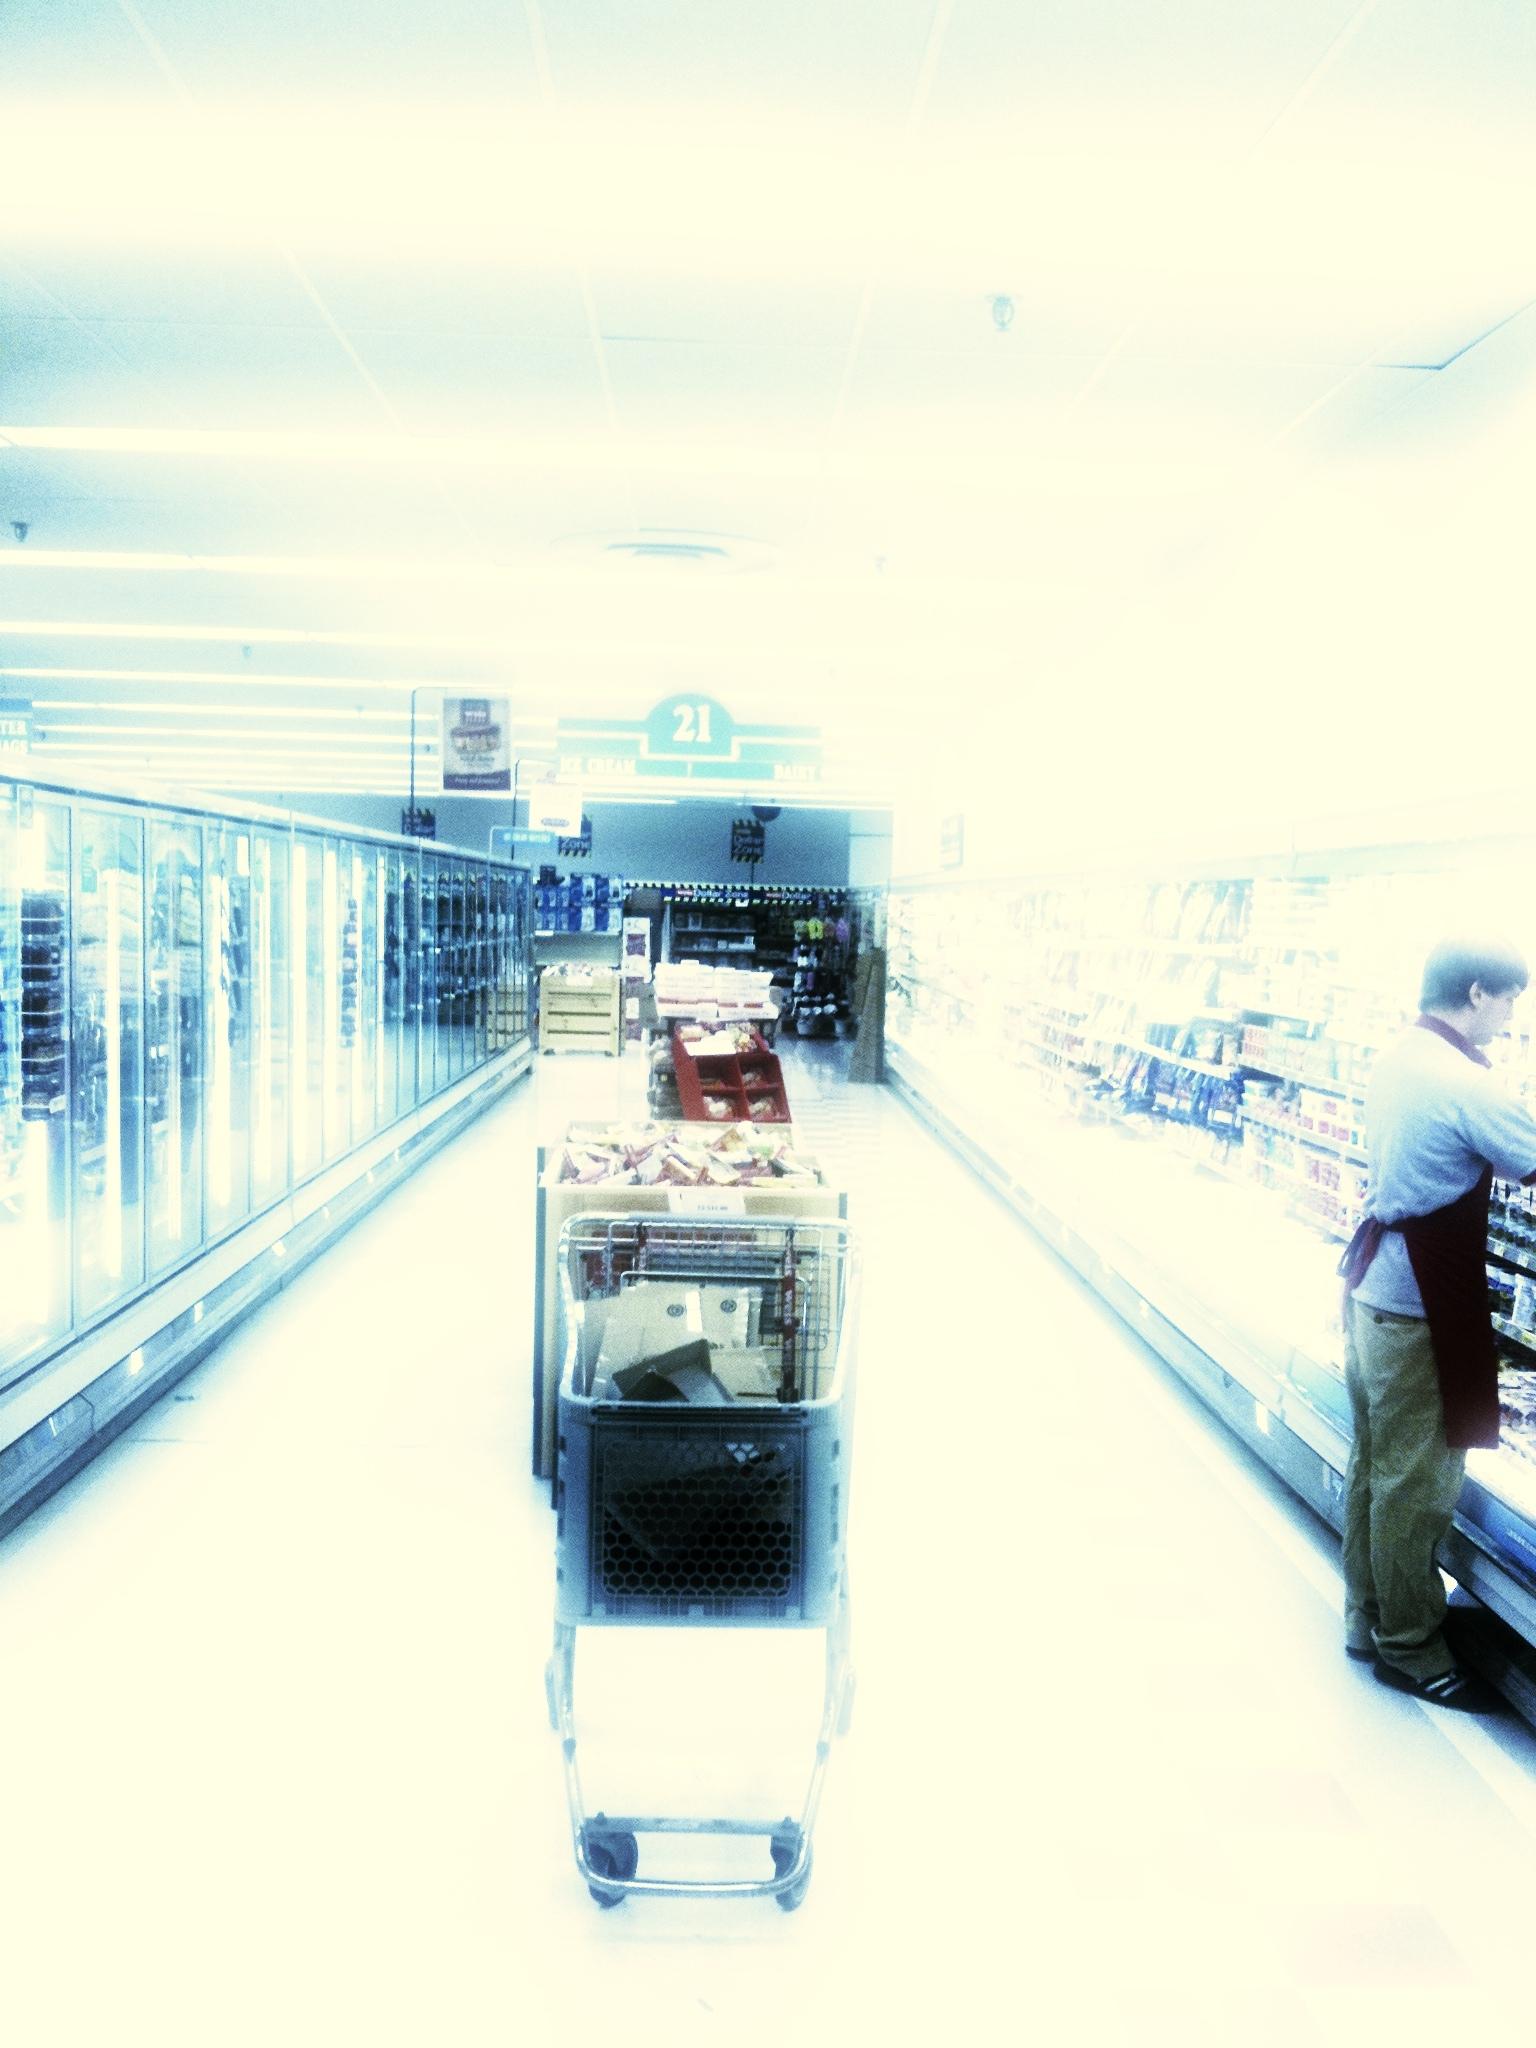 Supermarket, Flickr, Brad K